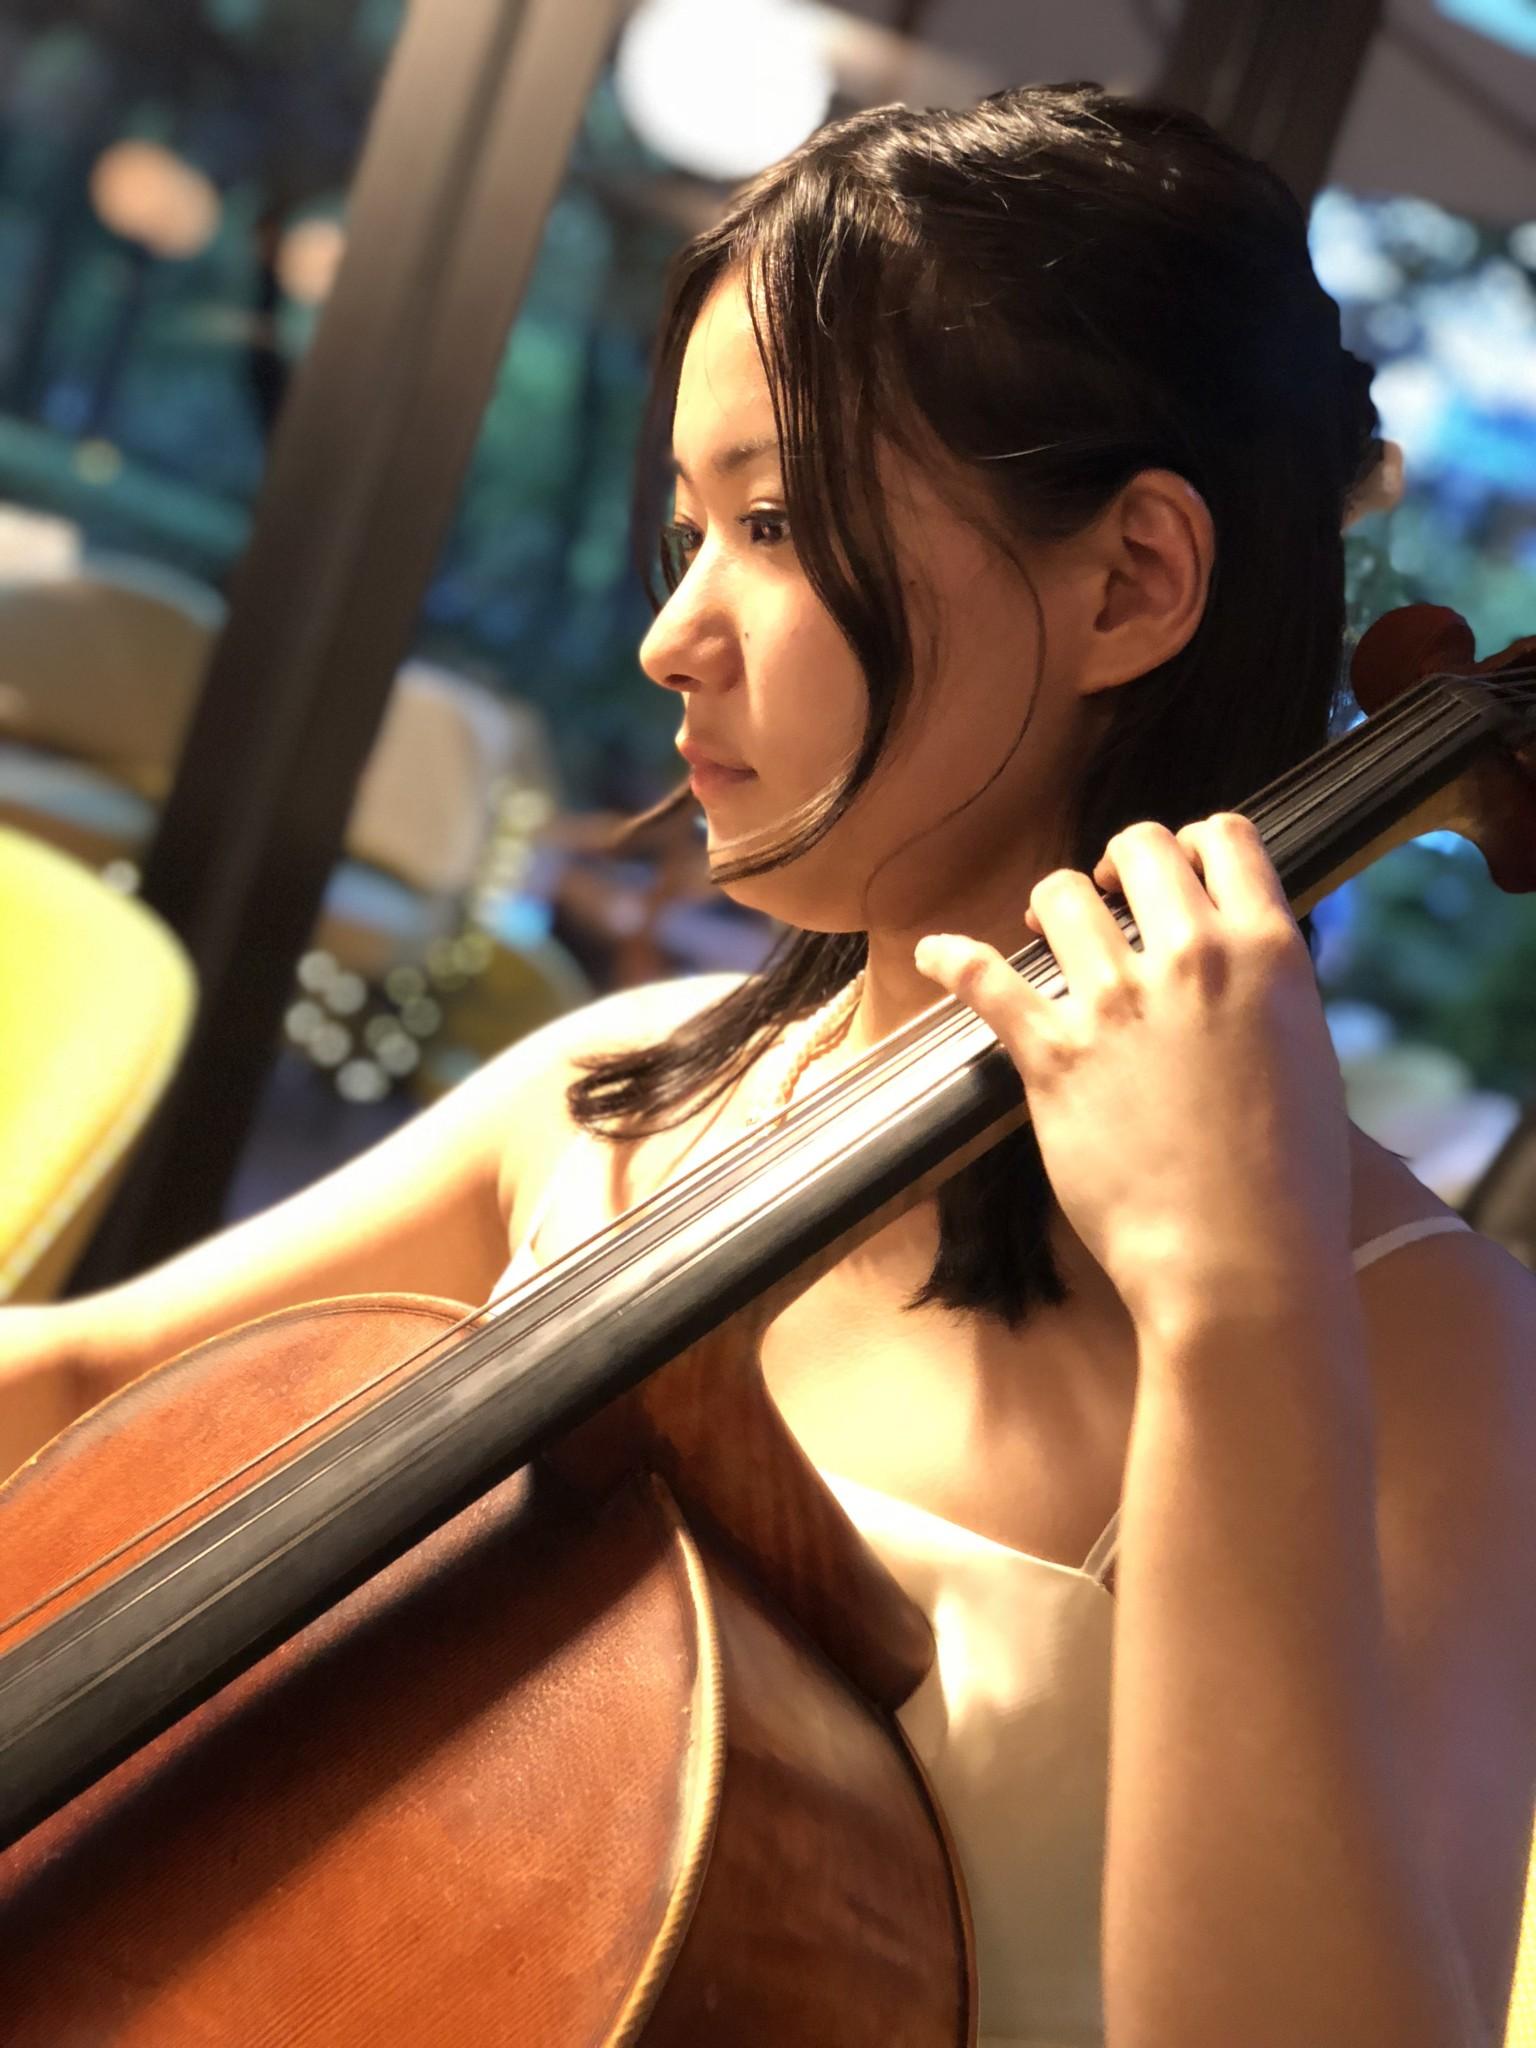 クラシック演奏でした。美人チェロ奏者です